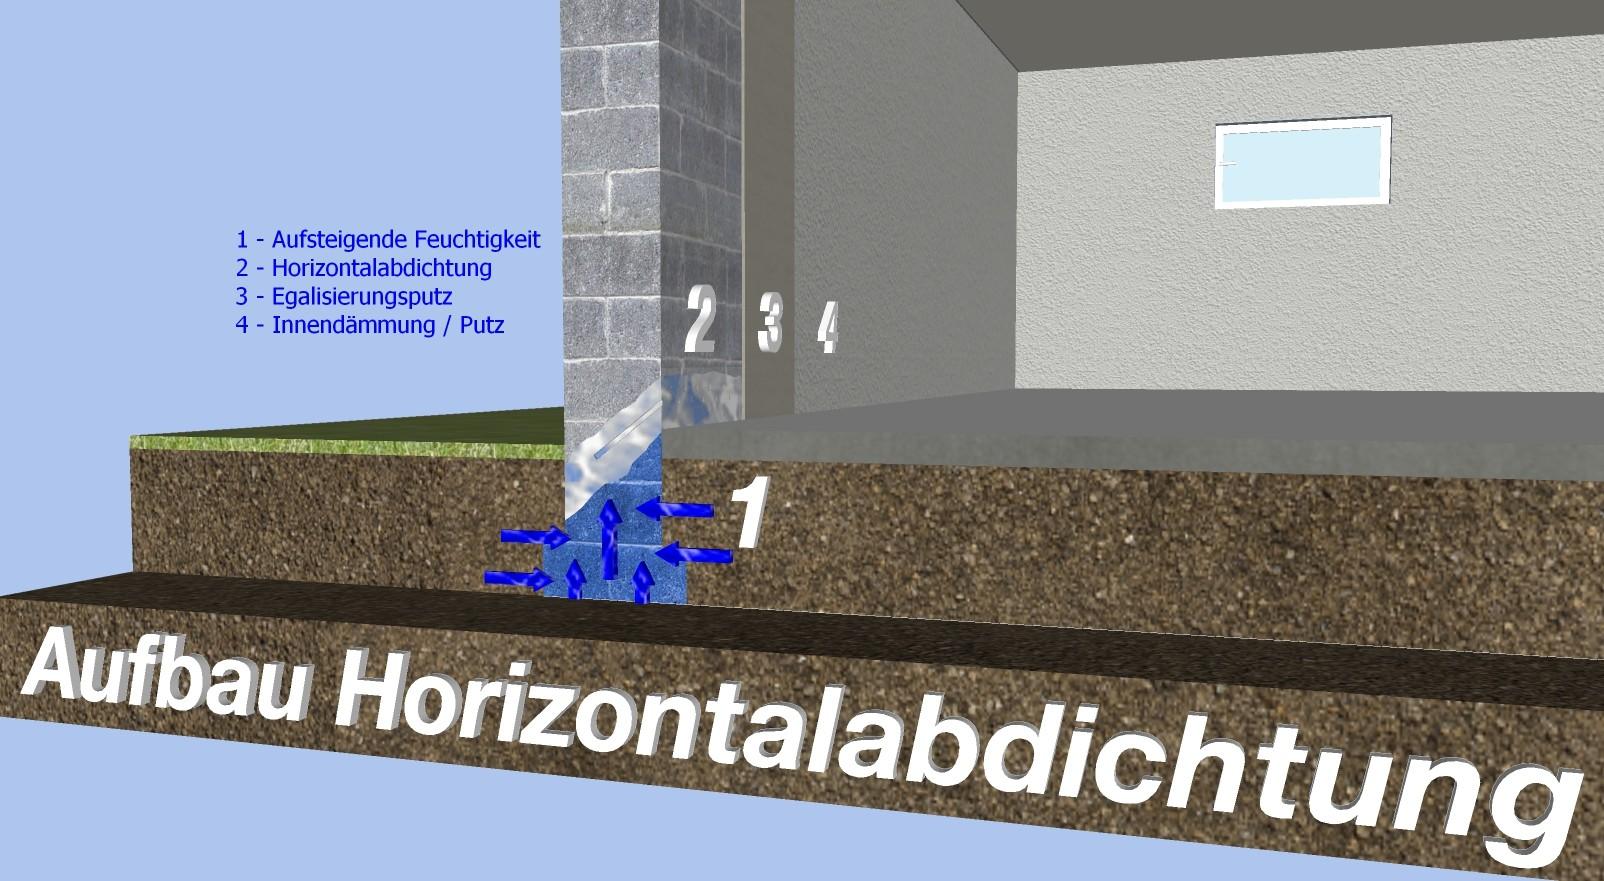 Horizontalabdichtung - Wasserschaden / Schimmel / Abdichtung